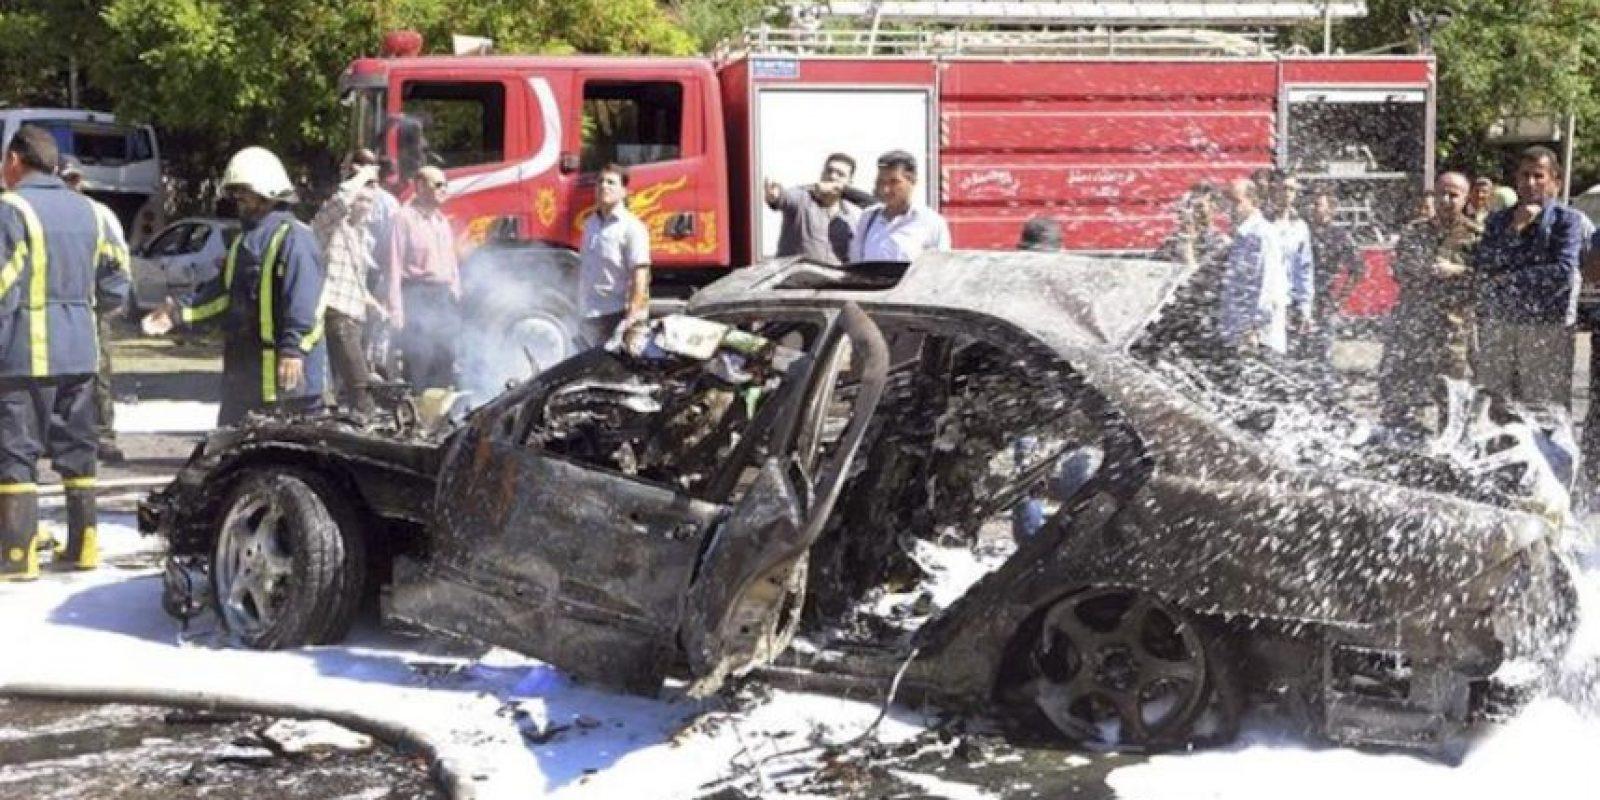 Fotografía facilitada por la agencia oficial de noticias siria SANA que muestra a varios bomberos y policías desplegados por la zona tras el atentado contra el convoy en el que viajaba el primer ministro sirio, Wael al Halqi, en Damasco (Siria) hoy, lunes 29 de abril de 2013. EFE